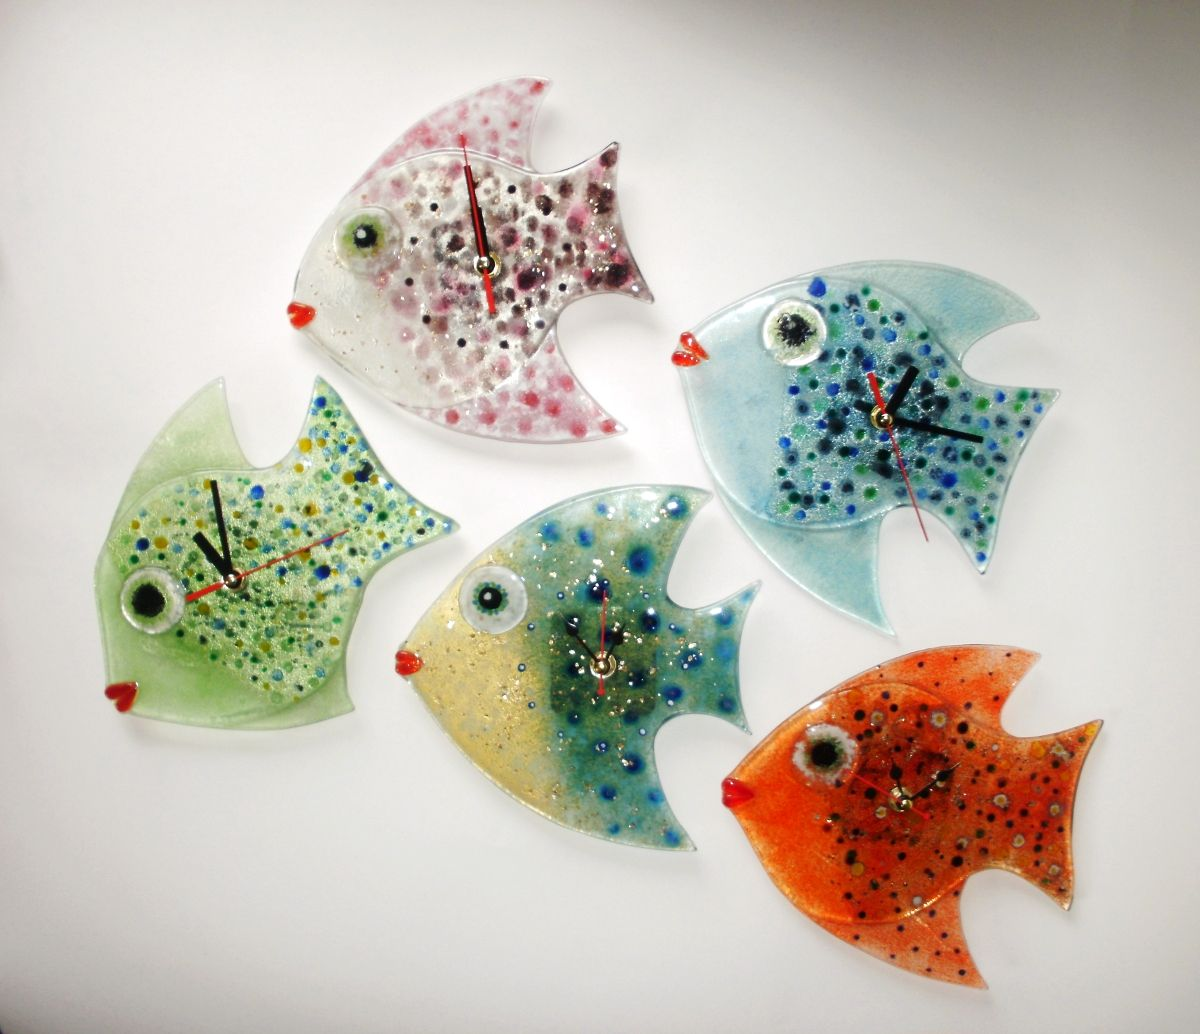 Fish wall clock fused glass hilaris art glass fusion fish wall clock fused glass amipublicfo Images